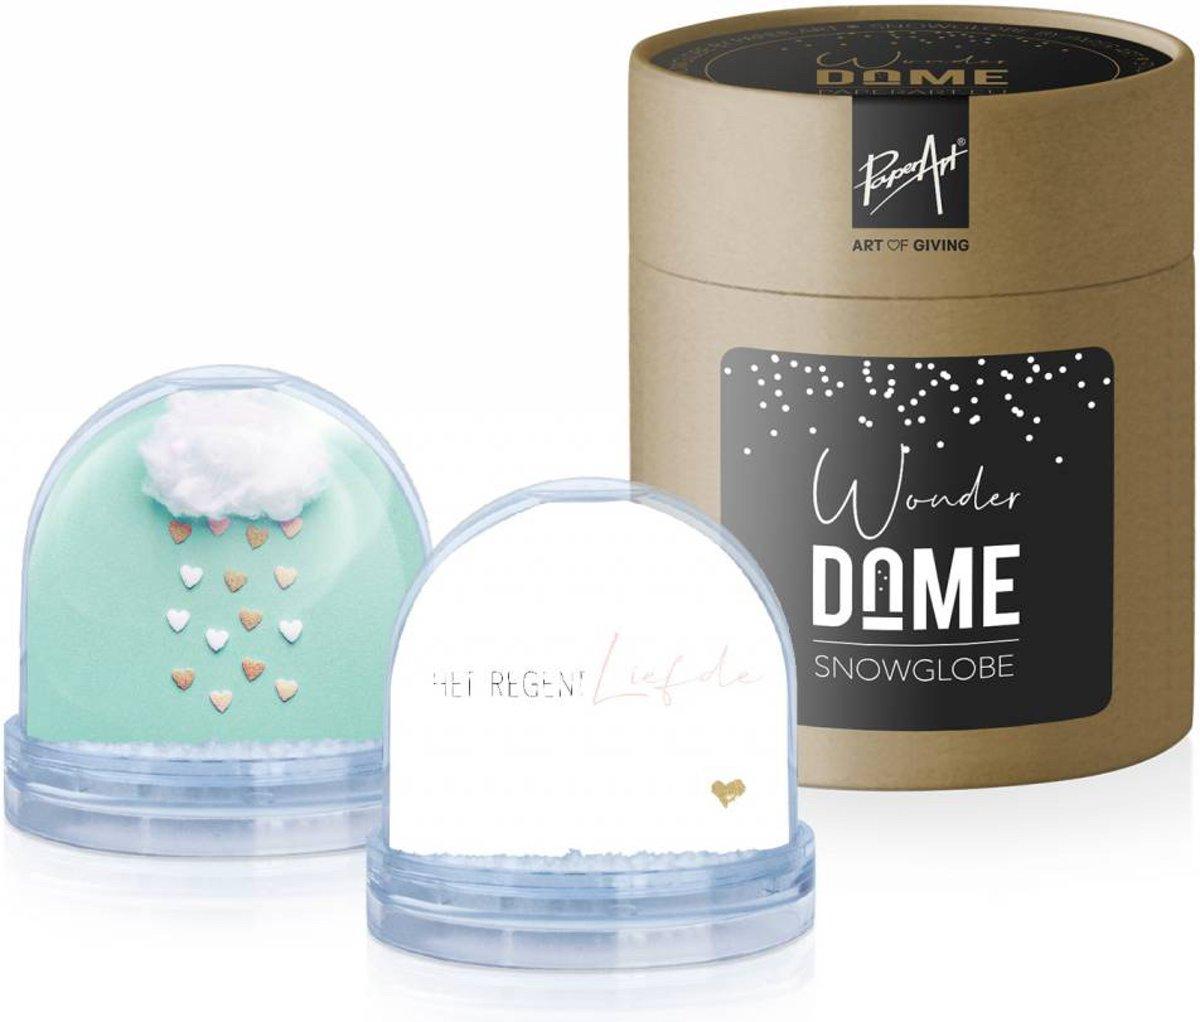 Sneeuwbol 'Wonder Dome' - Het Regent Liefde kopen